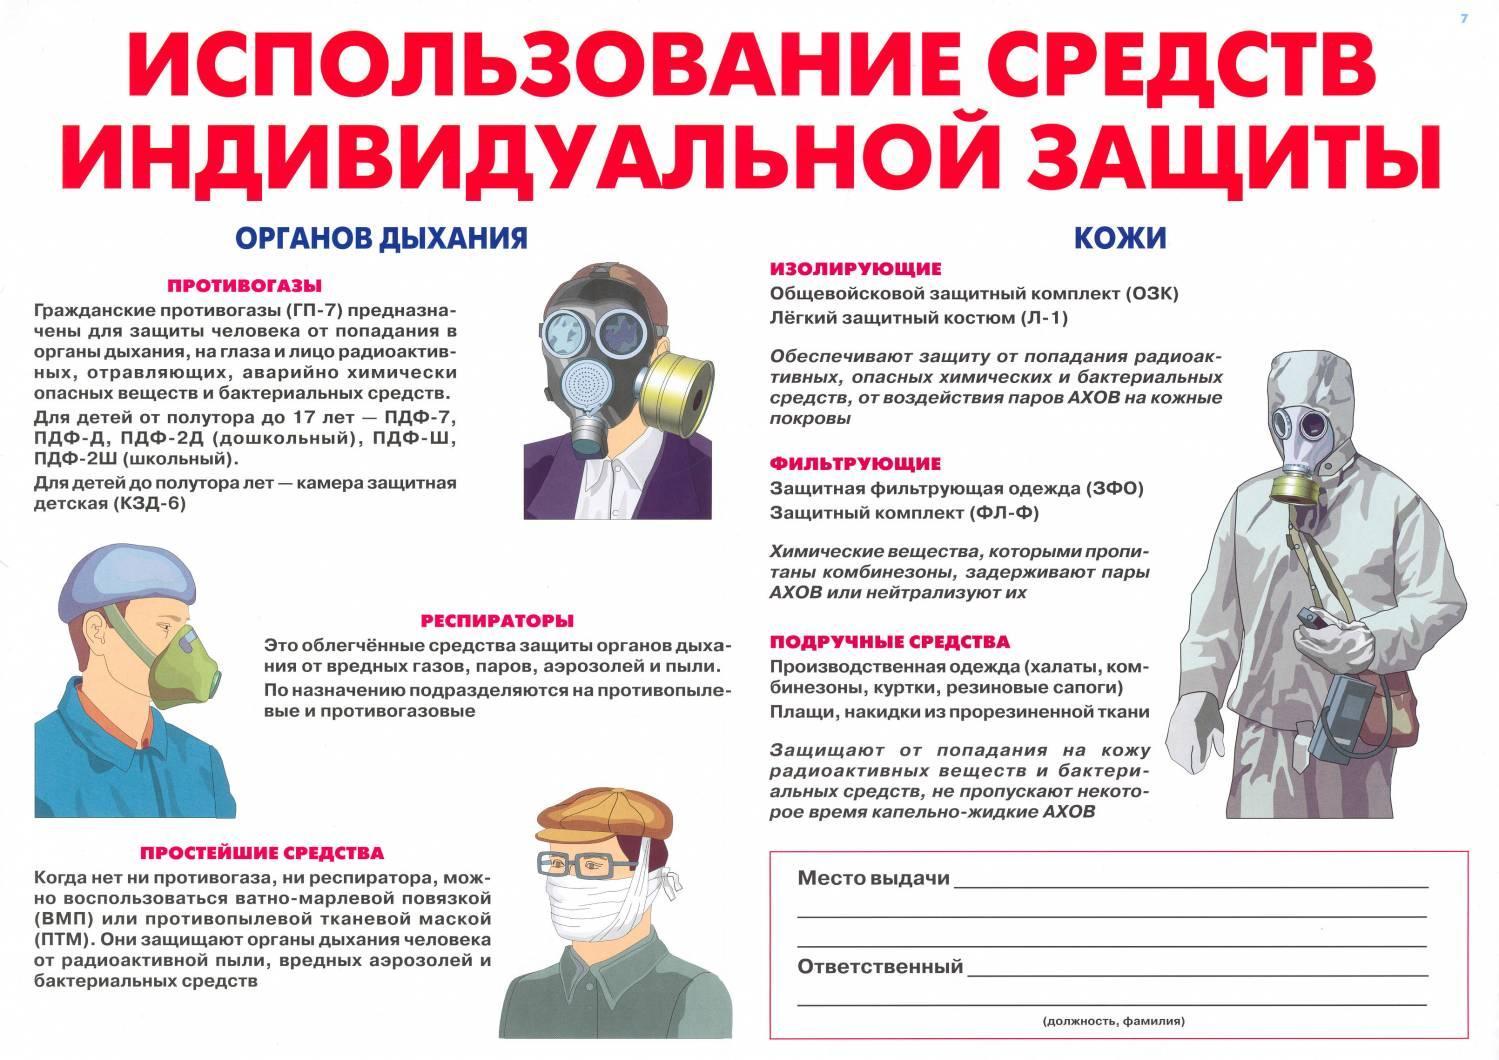 инструкция по применении хлорамина